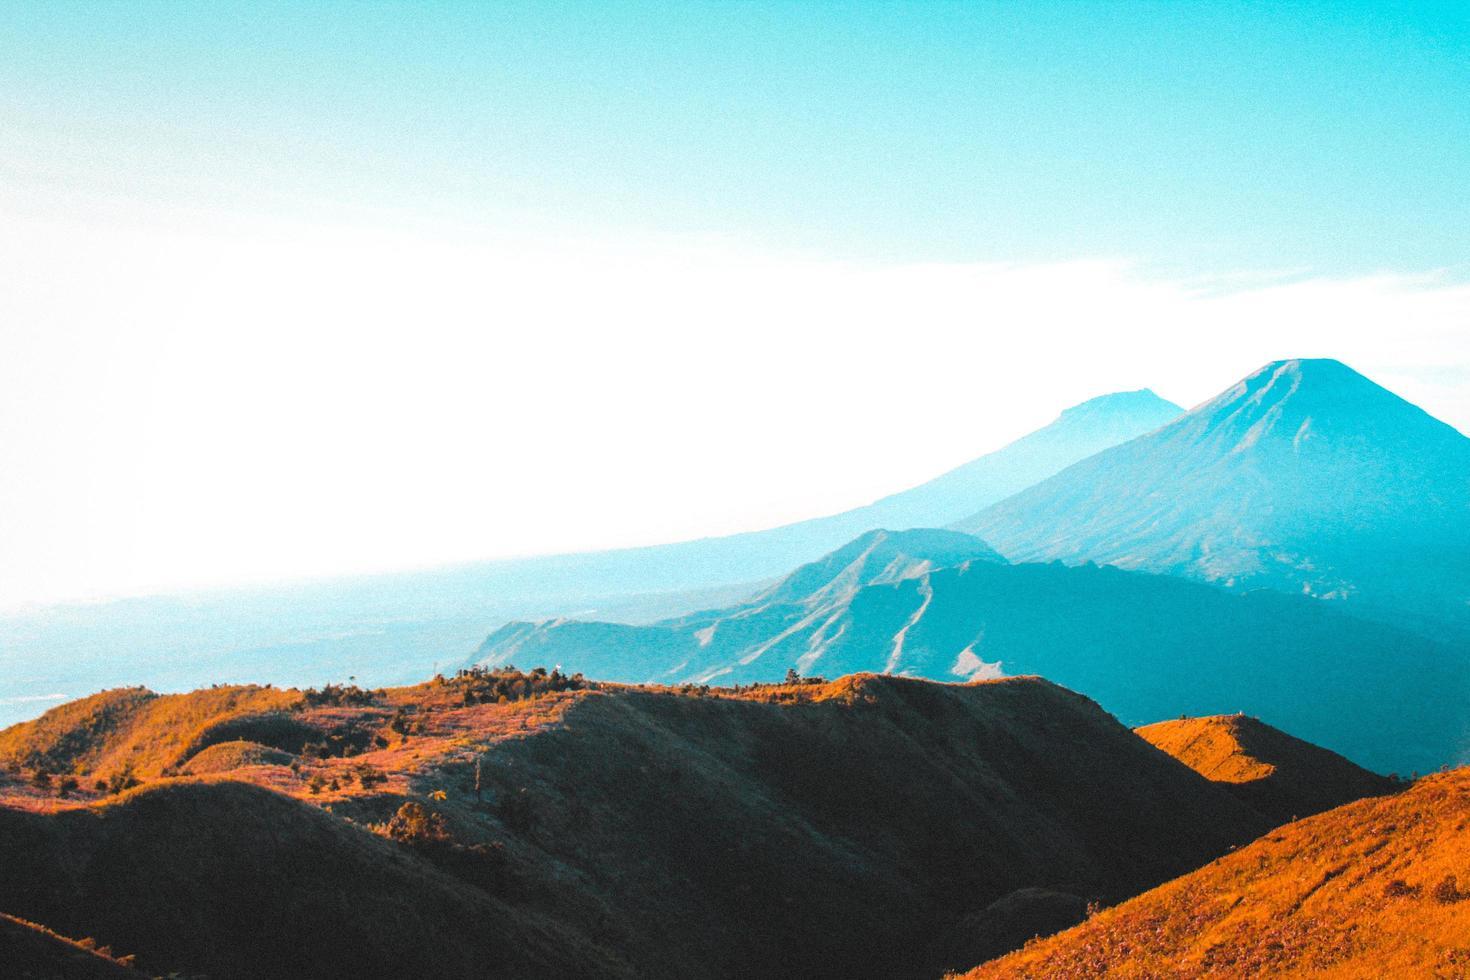 braune Hügel in einem Tal foto